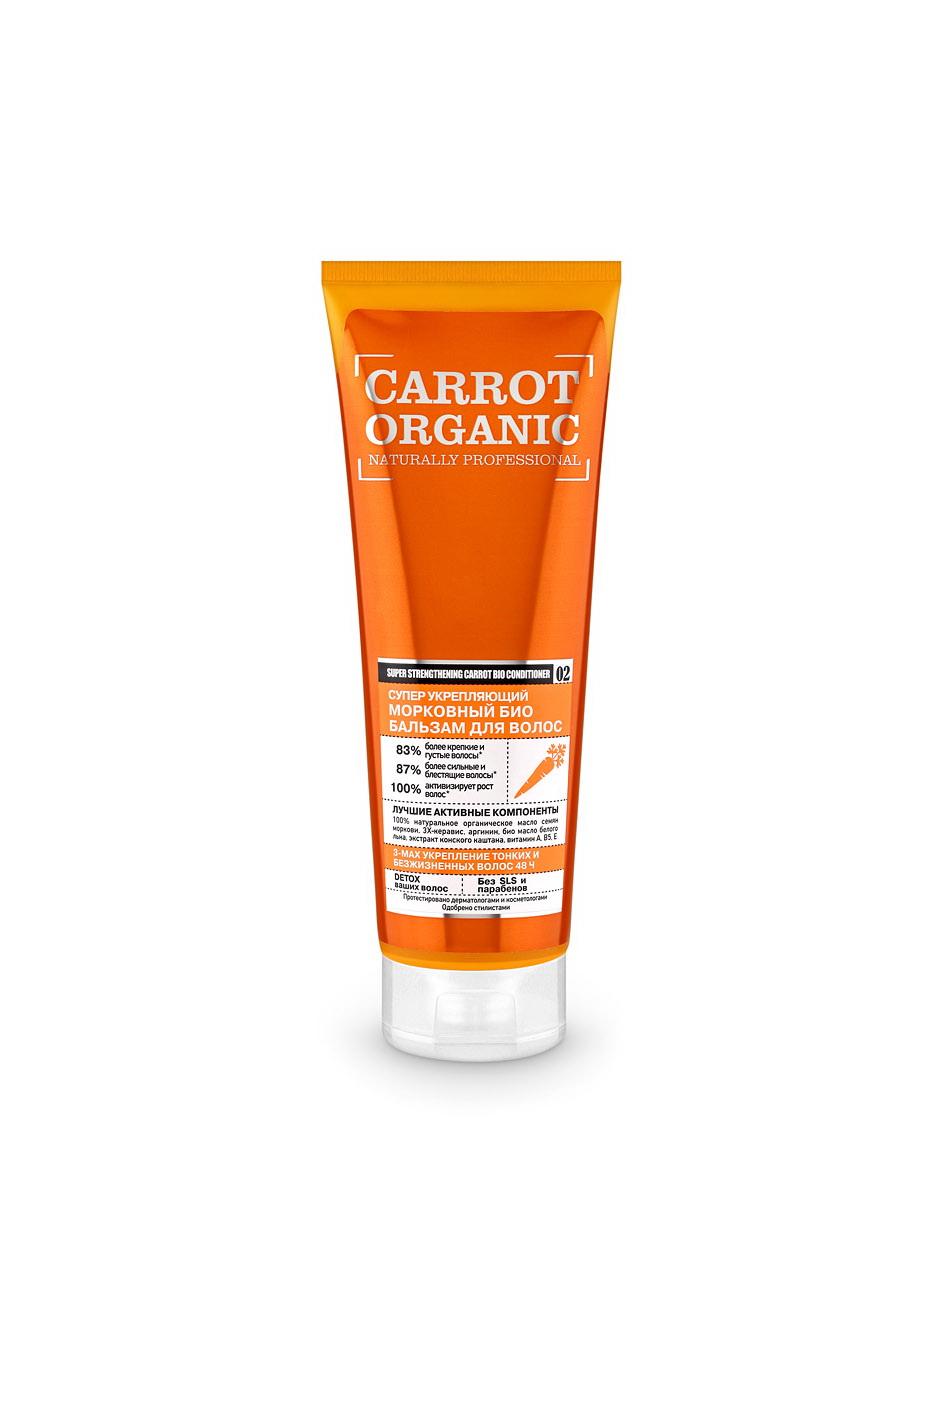 Оrganic Shop Naturally Professional Био-бальзам для волос Супер укрепляющий, морковный, 250 мл0861-1-3991Органическое масло семян моркови и аргинин питают кожу головы и укрепляют волосяные луковицы, препятствуя выпадению волос. Экстракт конского каштанаактивизирует рост волос, делая их густыми и крепкими. Био масло белого льна питает и увлажняет волосы, придает им силу и блеск. 3Х-керавис укрепляет ивосстанавливает внутреннюю структуру волос, делает их эластичными и упругими. Товар сертифицирован.